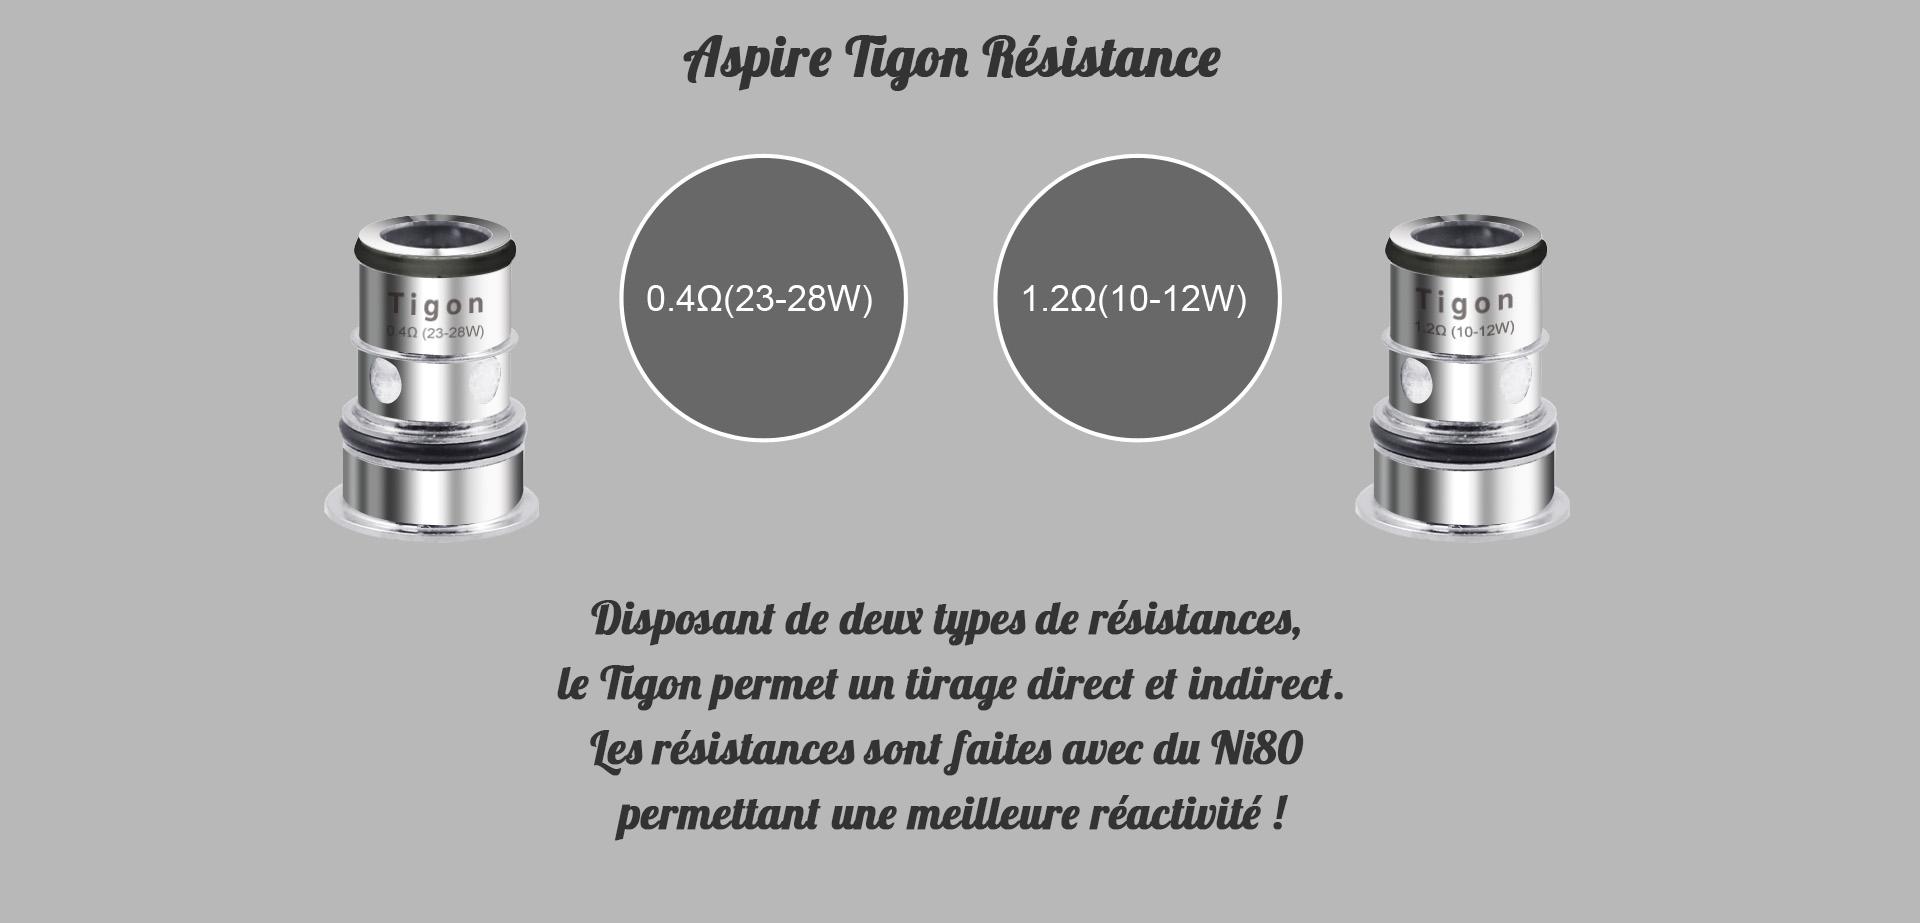 Aspire Tigon Clearomiseur résistances